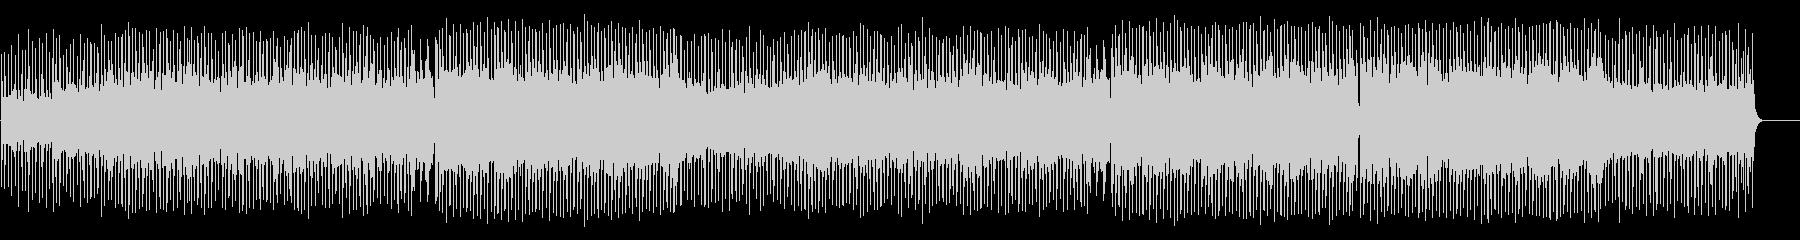 ブリティッシュなポップ(フルサイズ)の未再生の波形